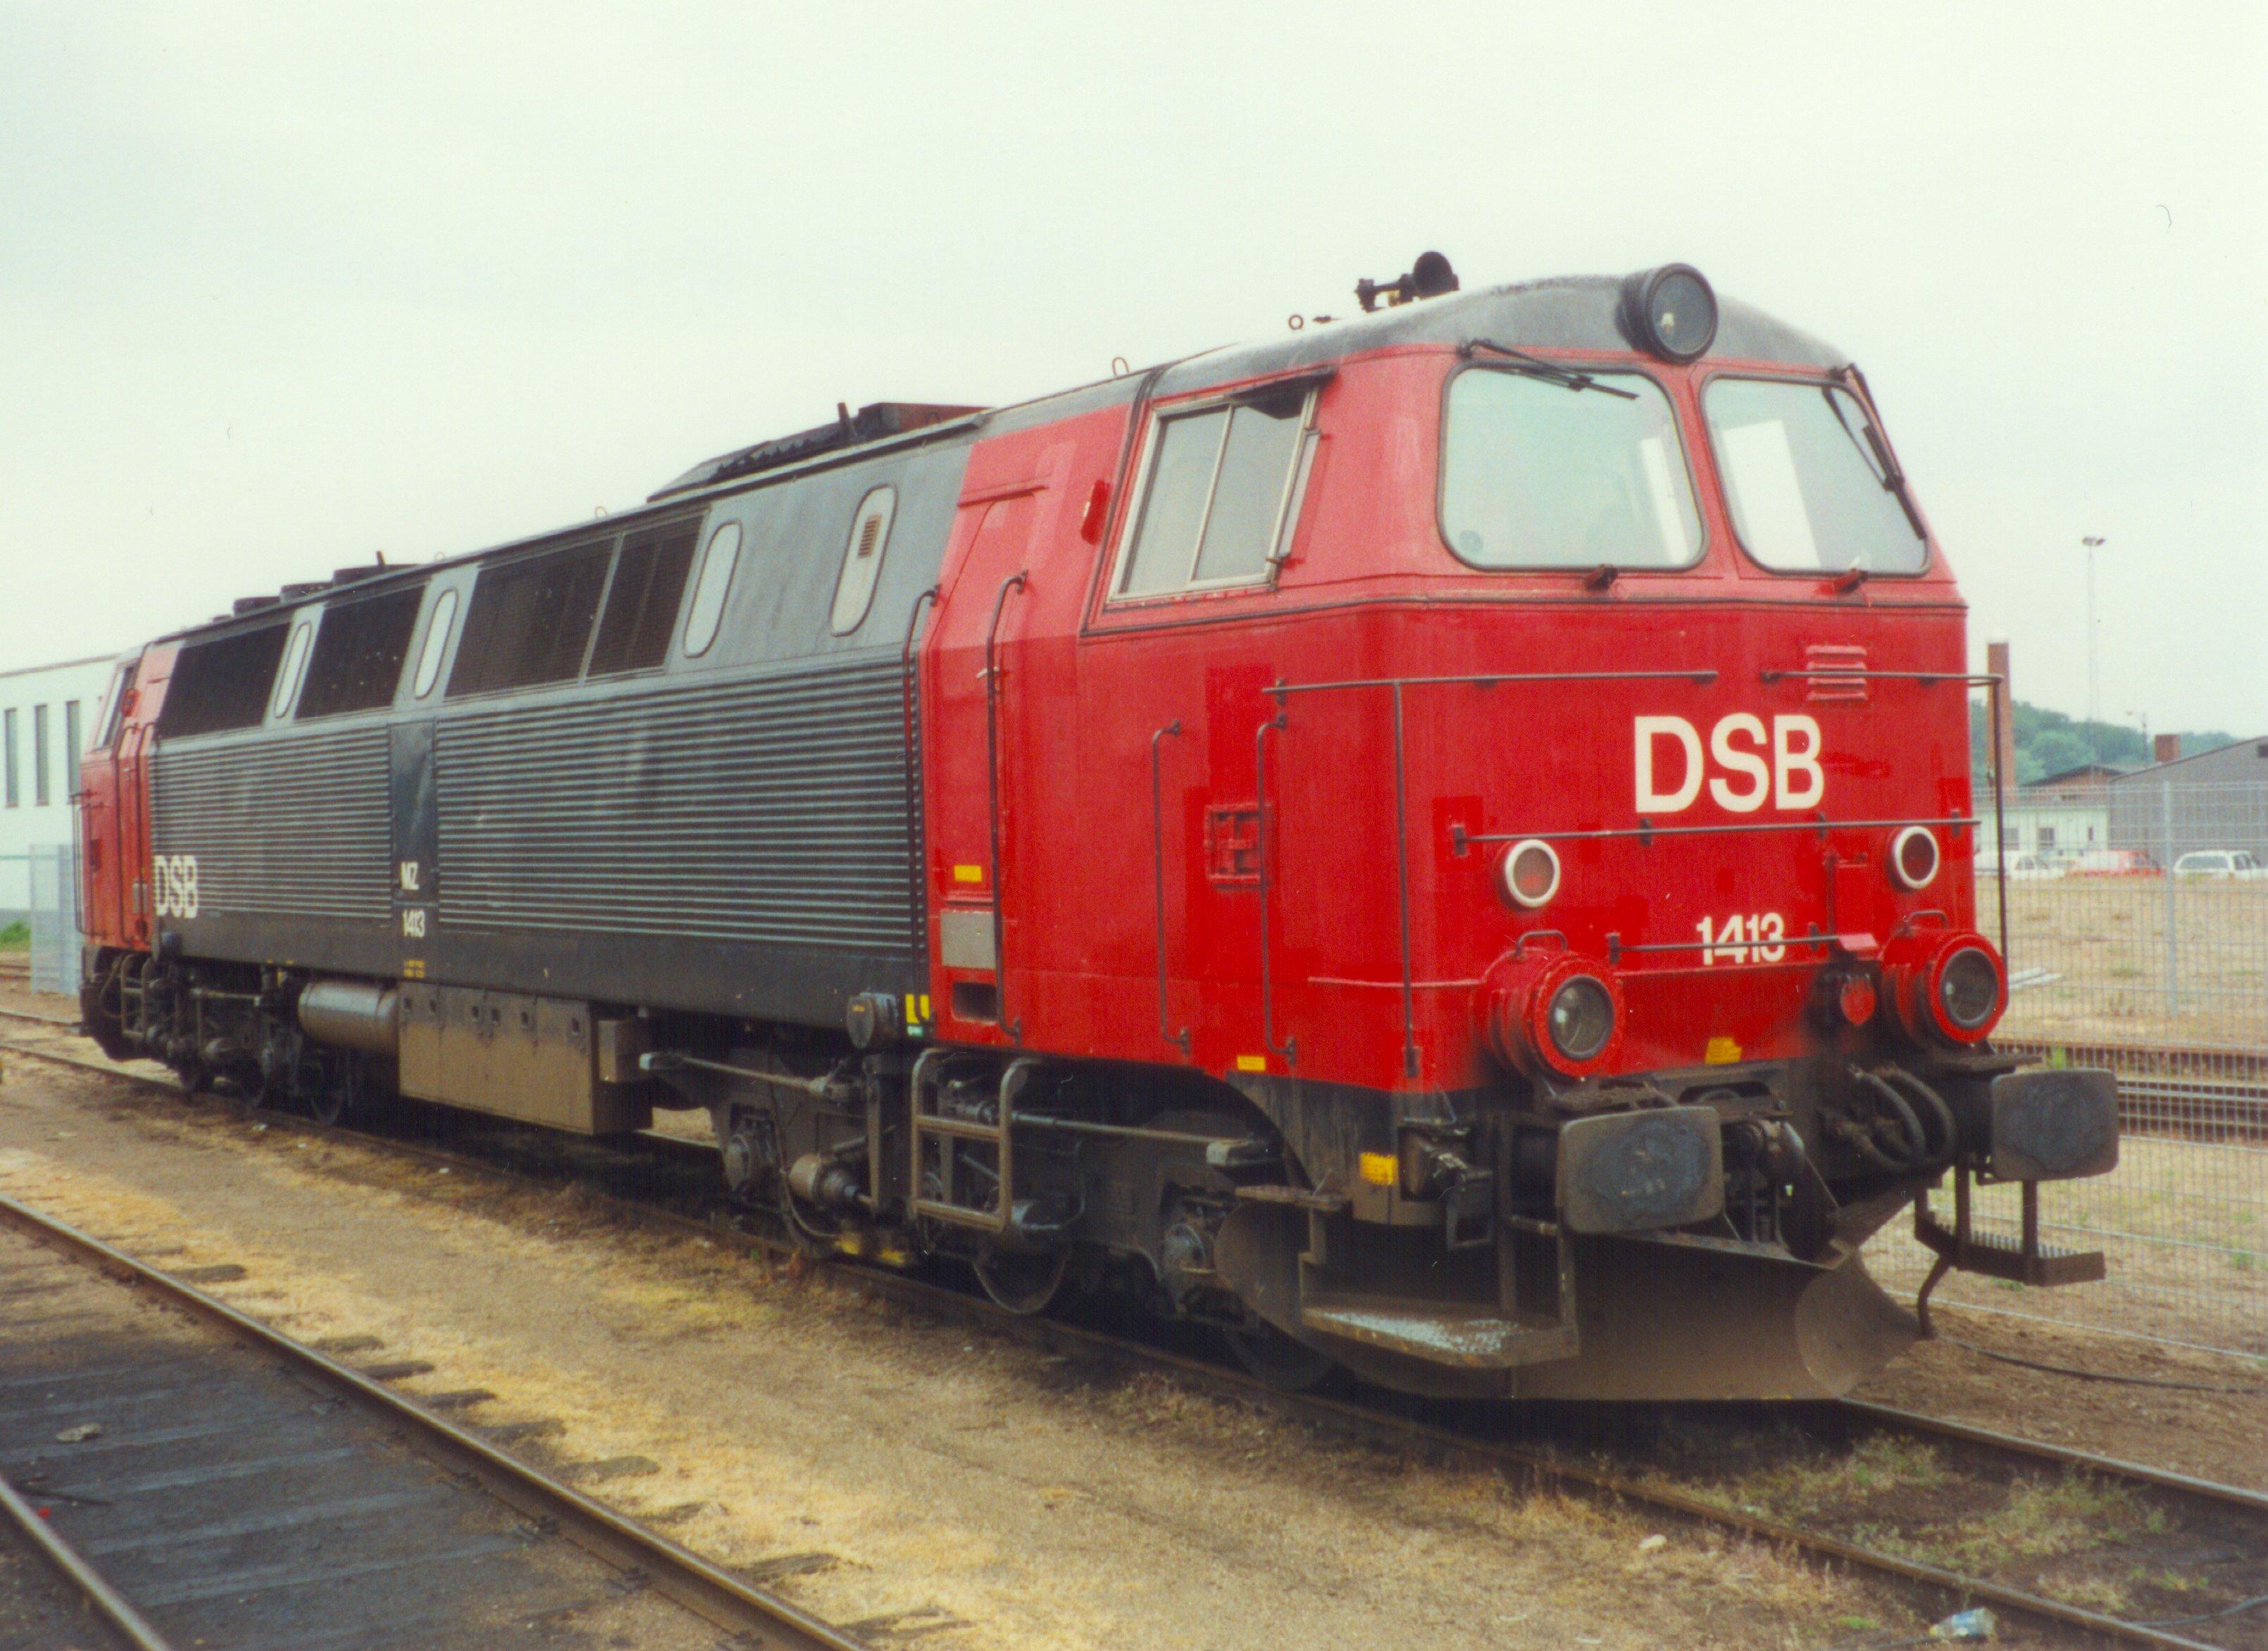 File:DSB MZ 1413 in Odense.jpg